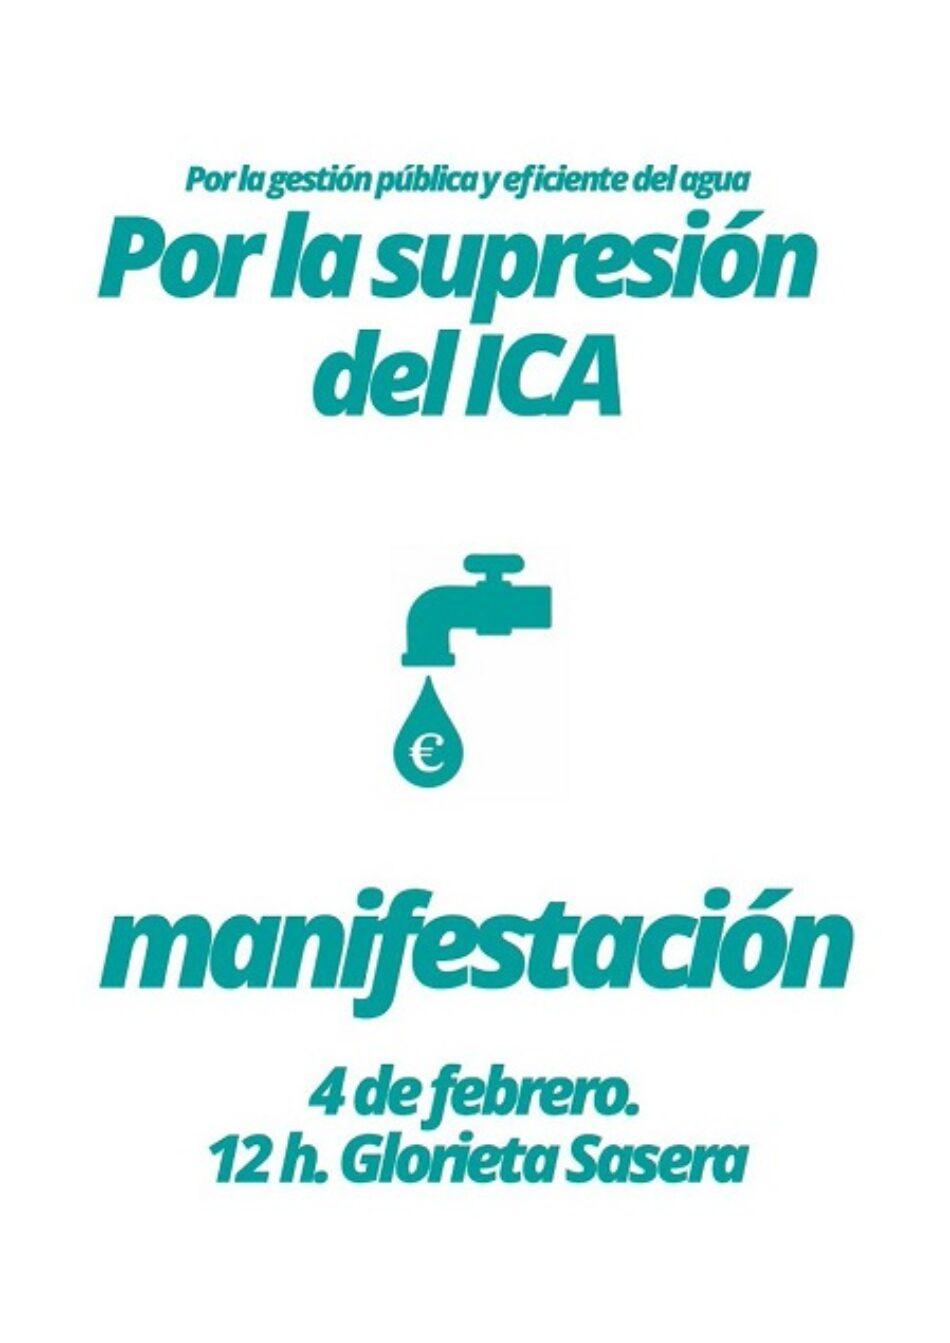 La UJCE y el PCE ante la manifestación por la supresión del ICA